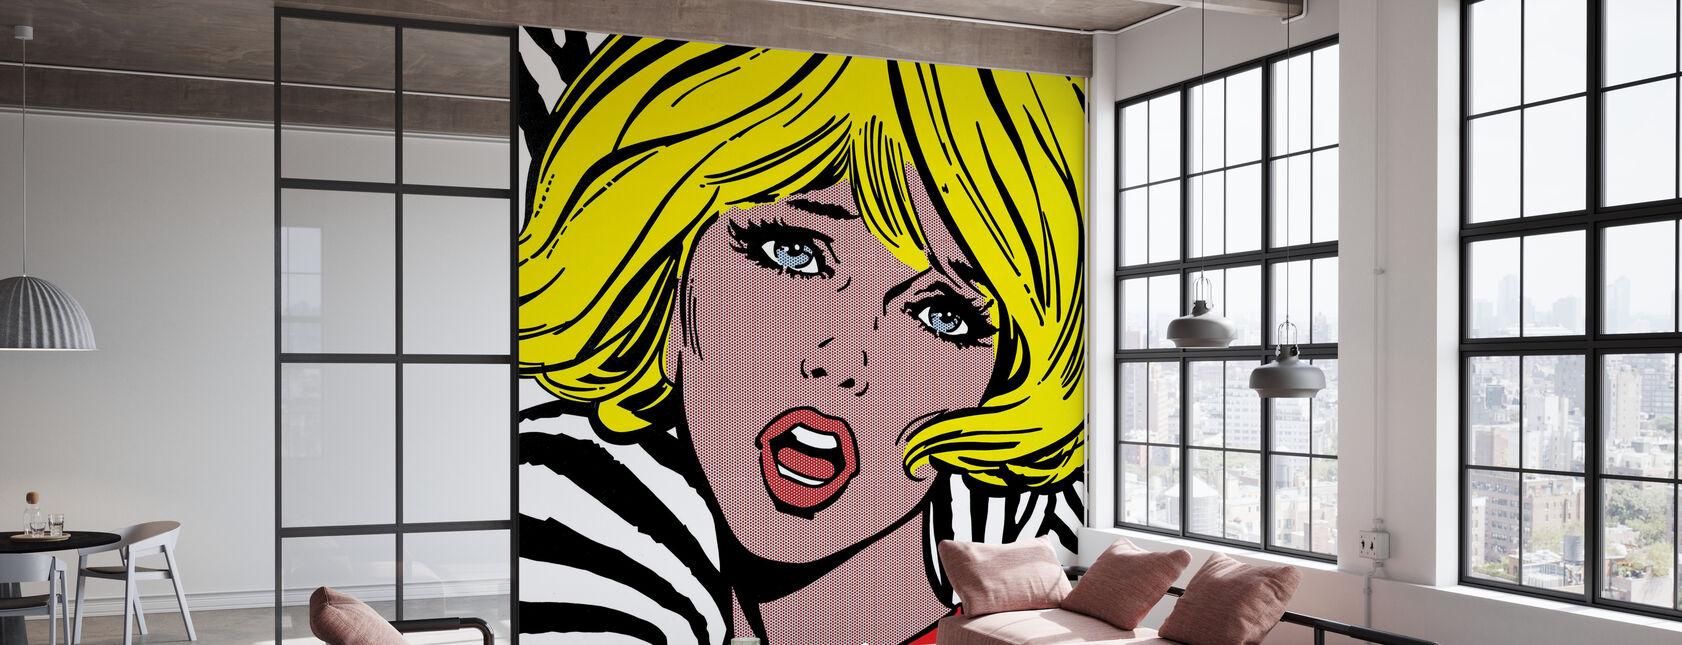 Pige på Zebra baggrund - Tapet - Kontor